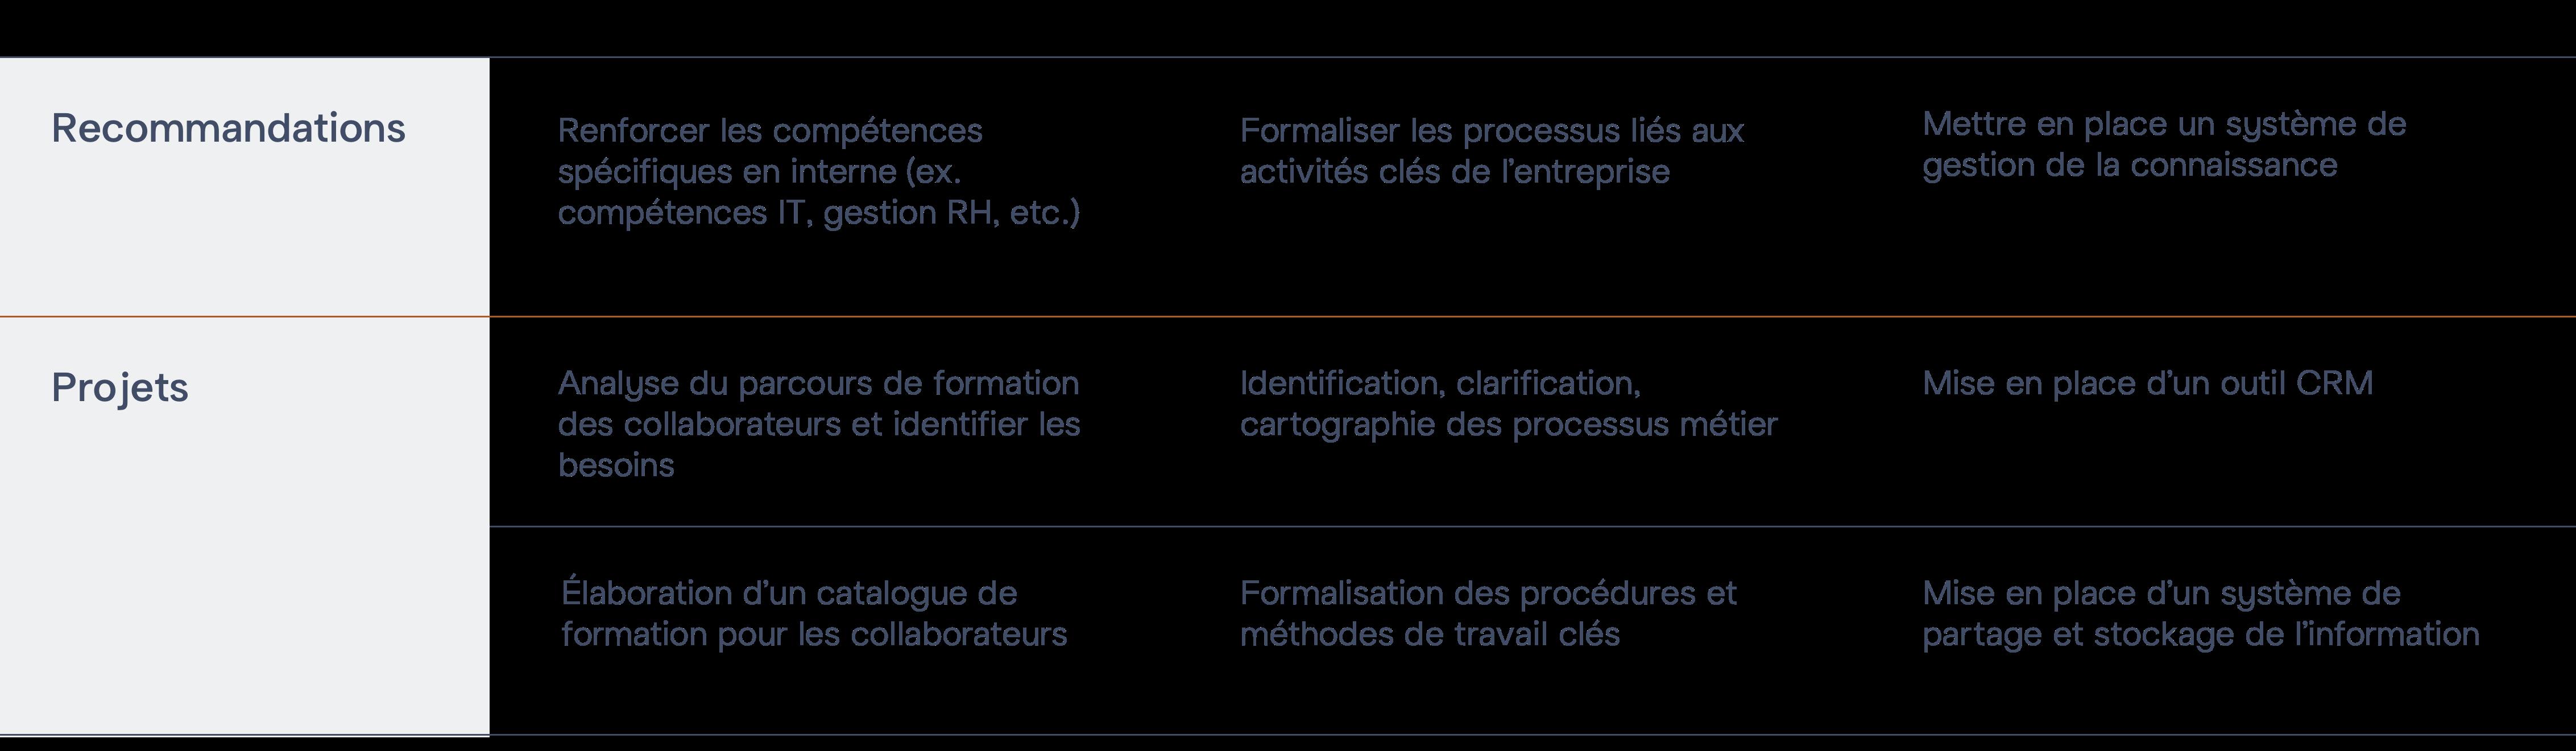 Exemples de recommandations et des projets